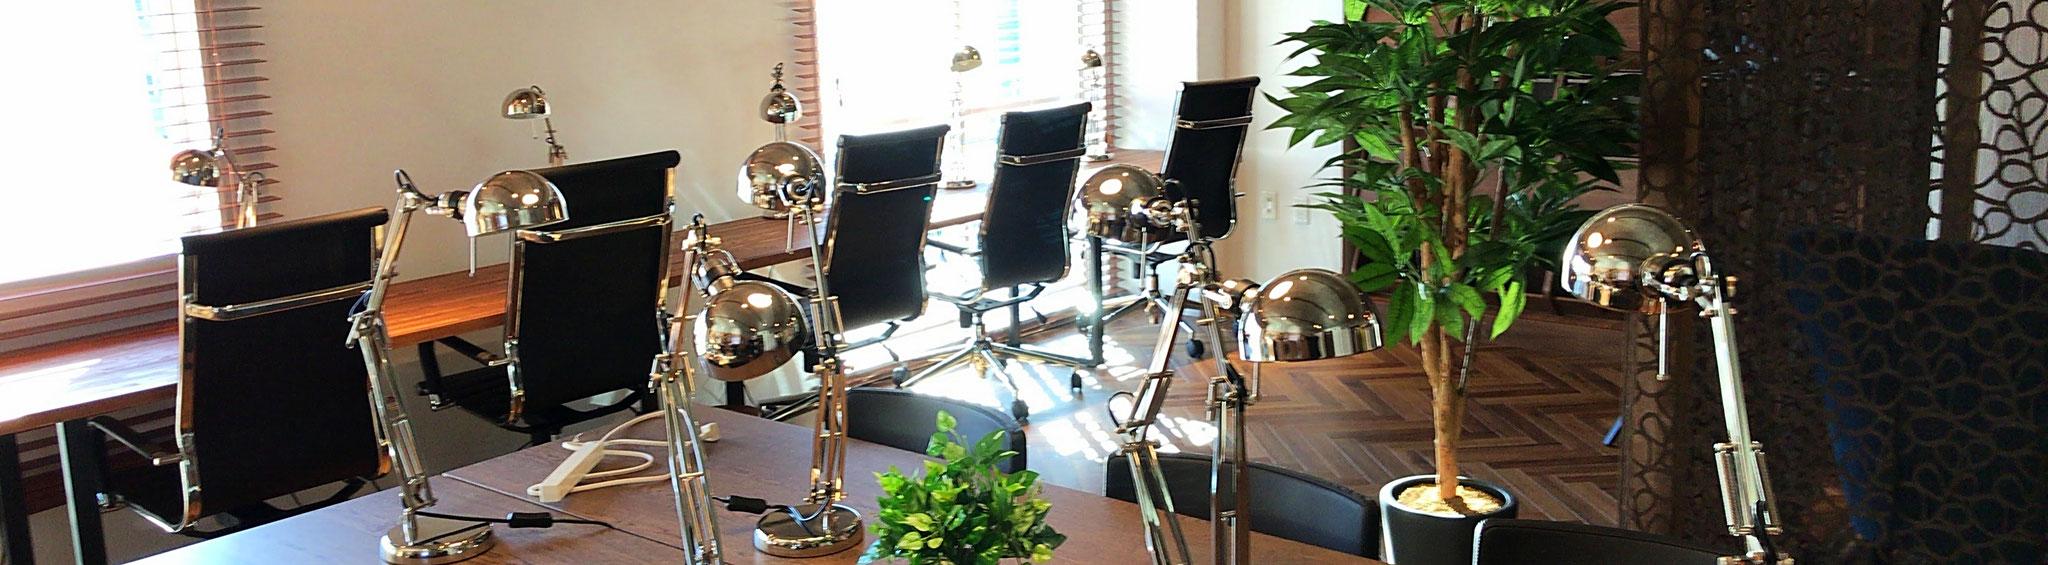 Bisiness Lounge 802 コワーキングスペース